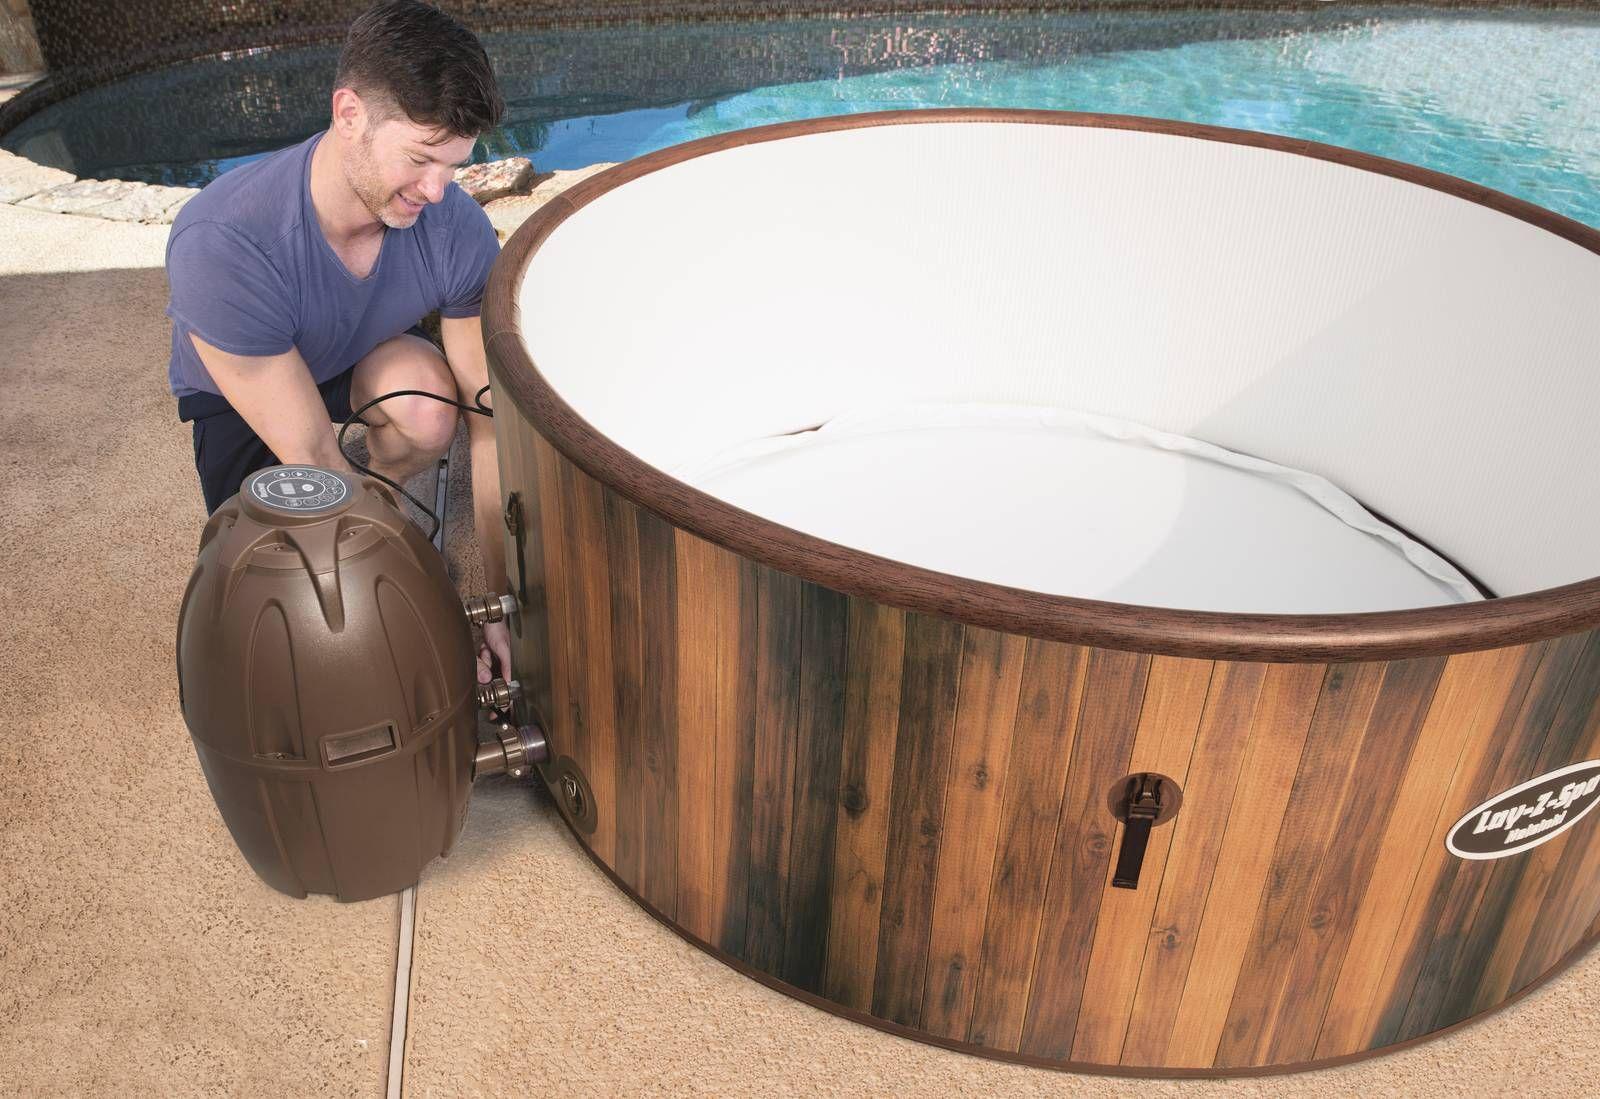 Whirlpool Lay Z Spa 54189 Helsinki 180cm X 66cm Whirlpool Spa Pools Spa Garten Sport Freizeit Haus Garten Beac Pool Spa Whirlpool Spa Helsinki